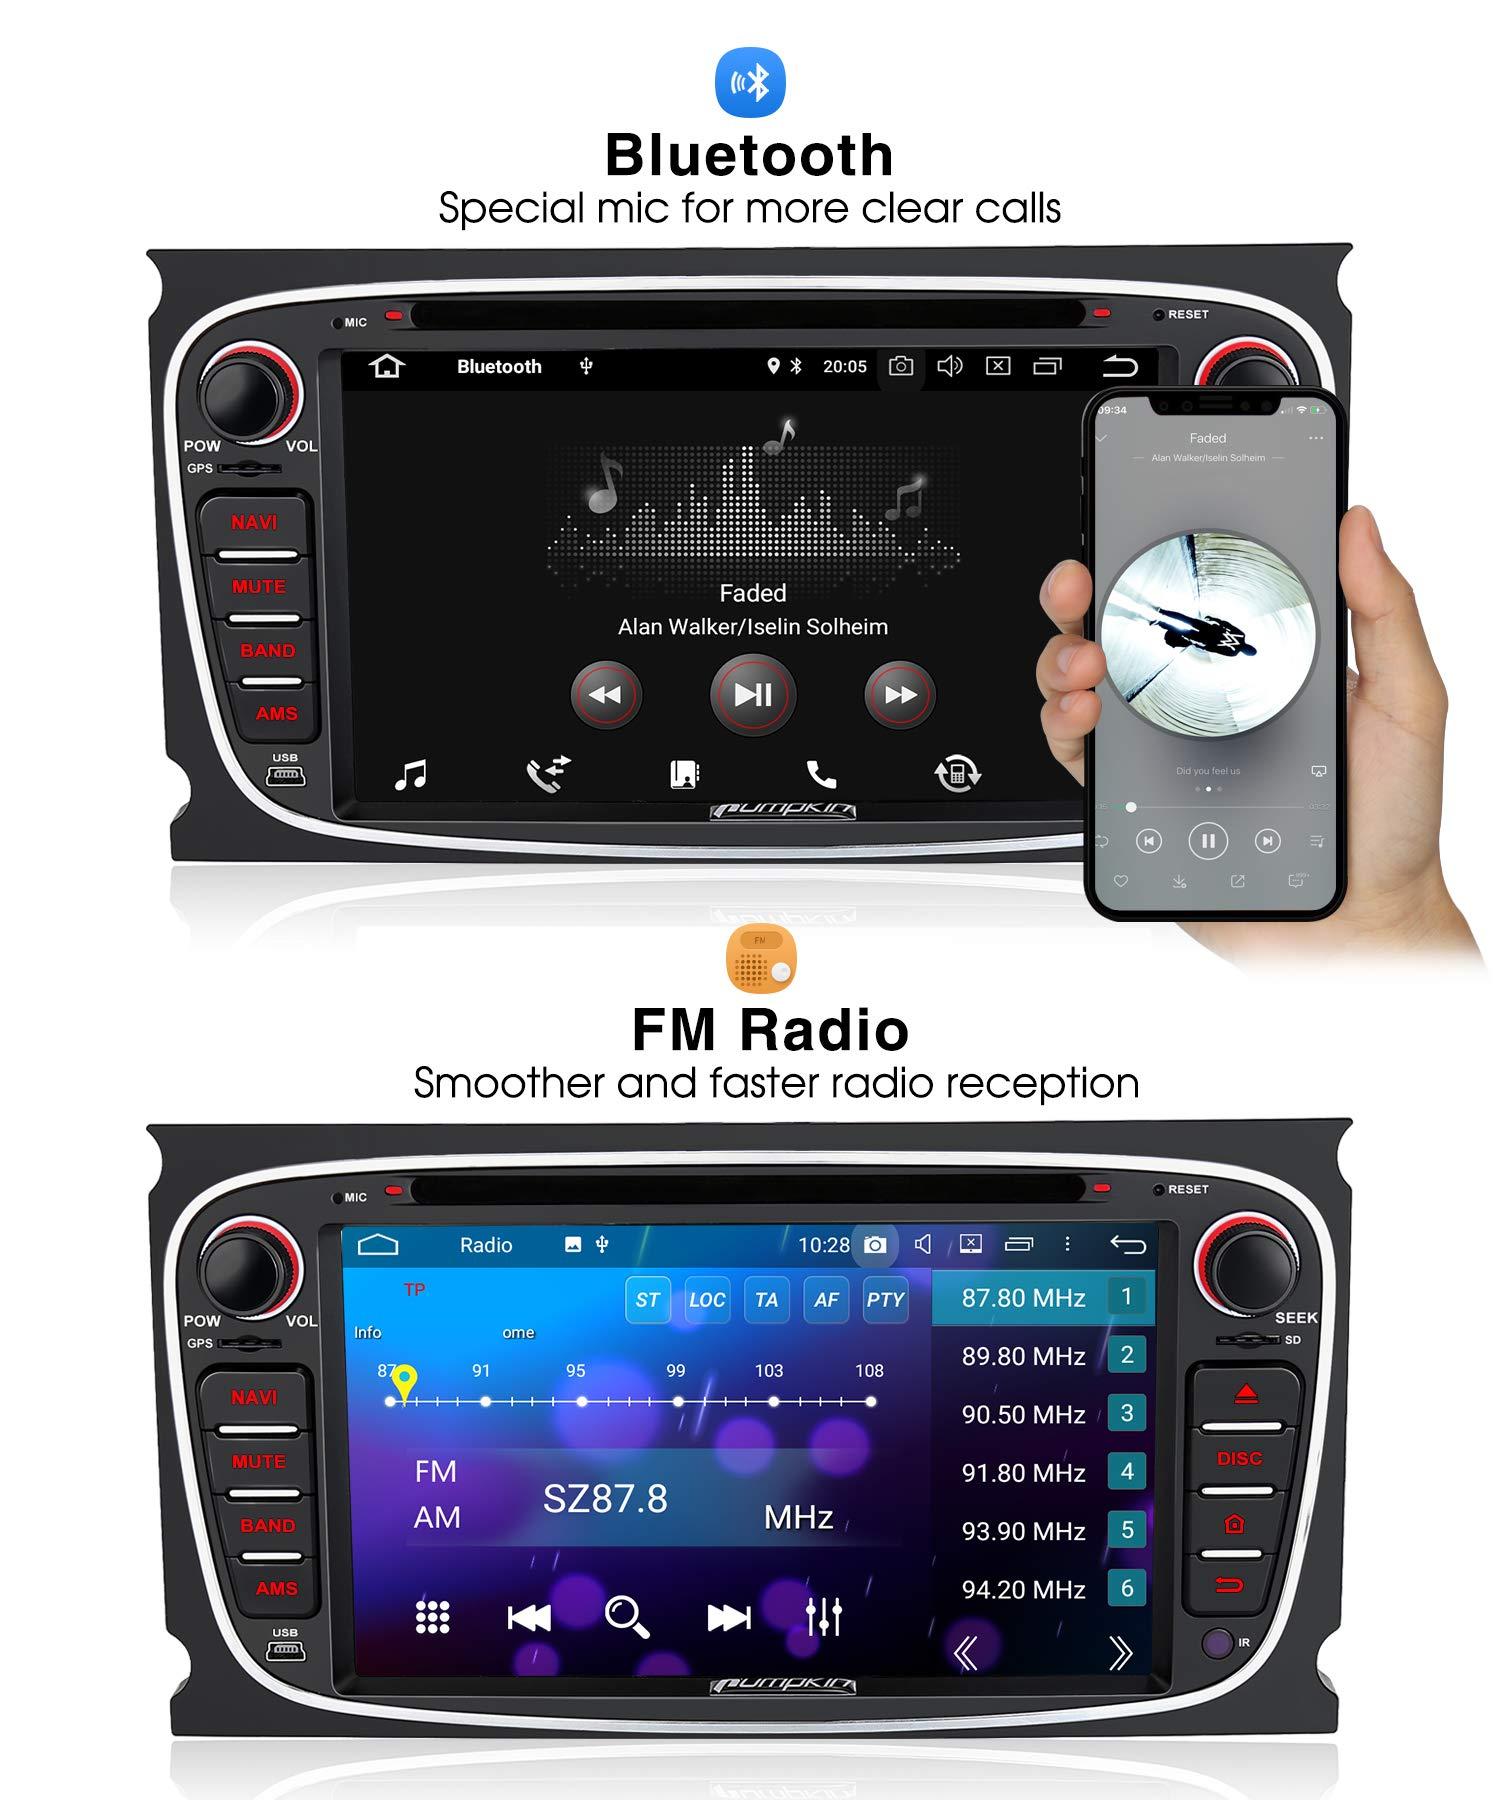 PUMPKIN-Android-90-Autoradio-Radio-fr-Ford-Focus-Mondeo-mit-Navi-Untersttzt-Bluetooth-DAB-CD-DVD-WiFi-4G-Android-Auto-USB-MicroSD-2-Din-7-Zoll-Bildschirm-Schwarz